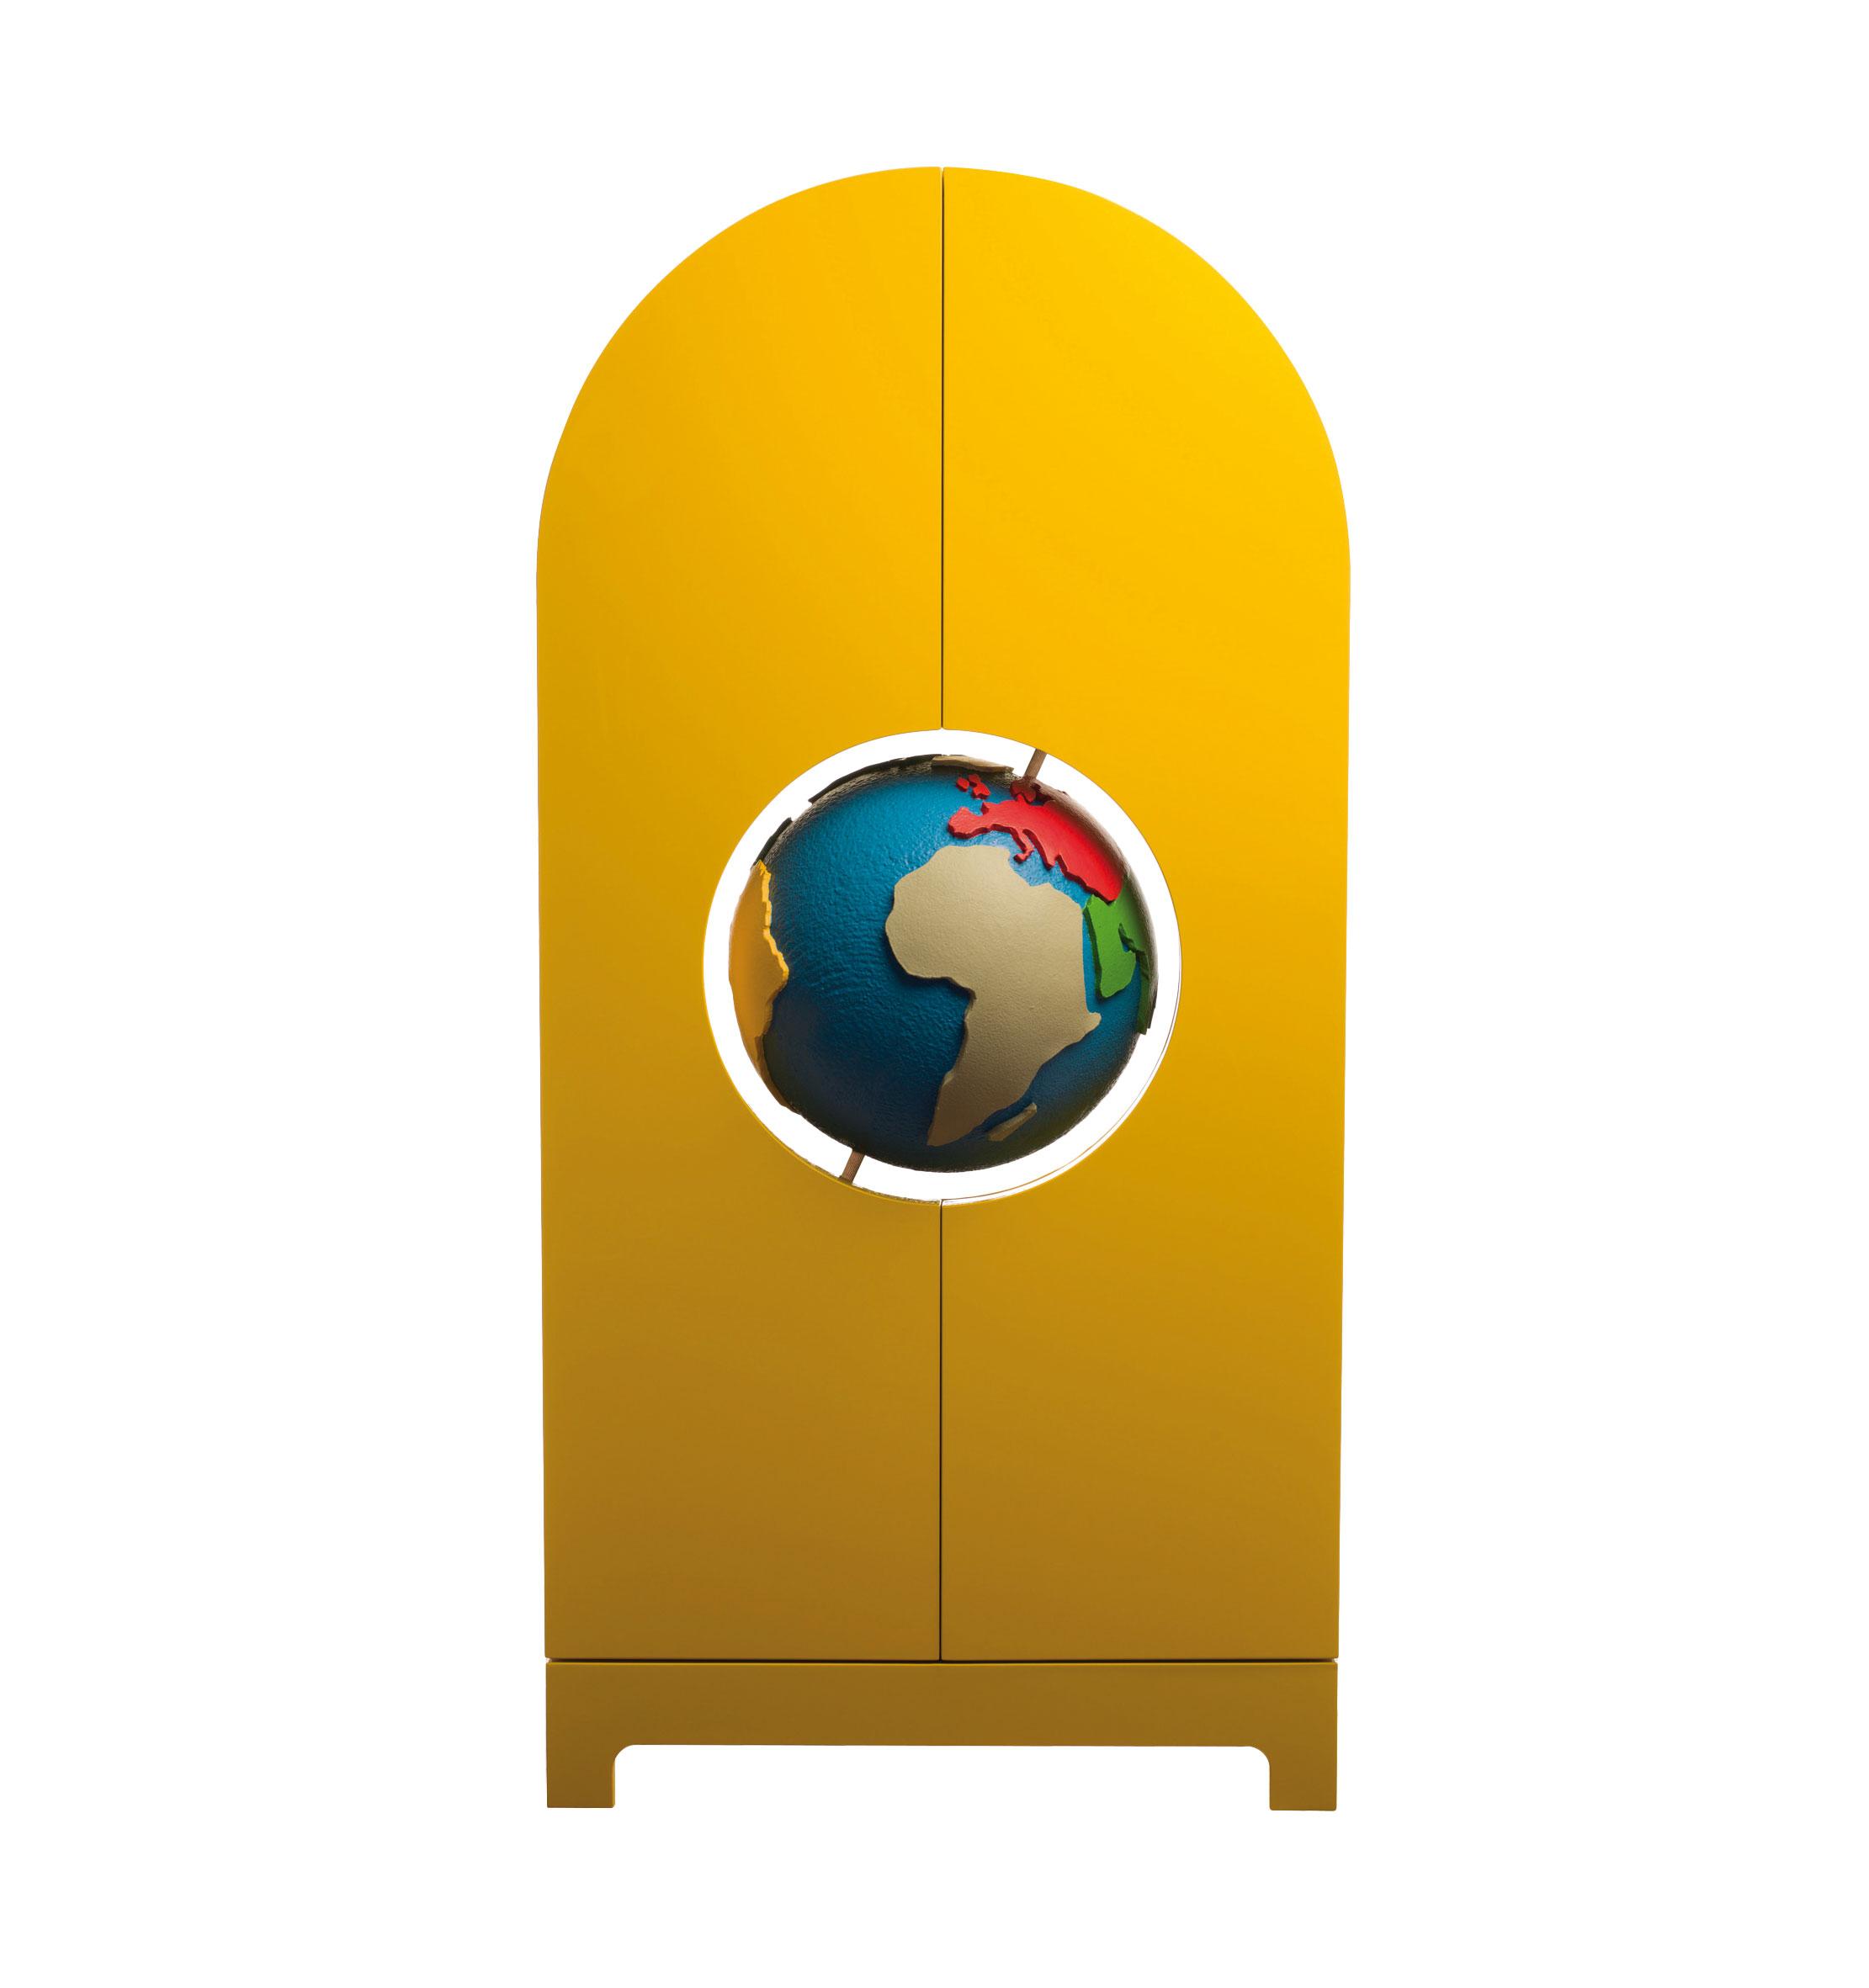 Studio-Job-Gufram-Globe-yellow-closed-14-304